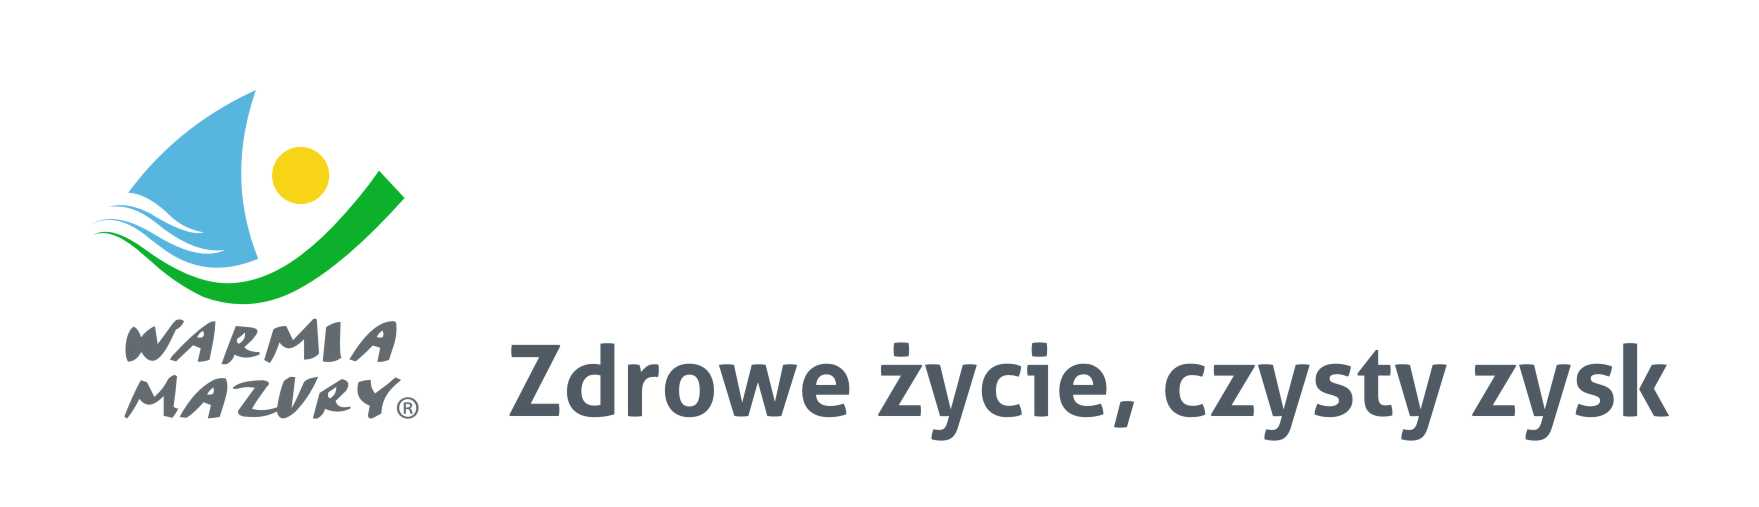 Logo województwa warmińsko-mazurskiego